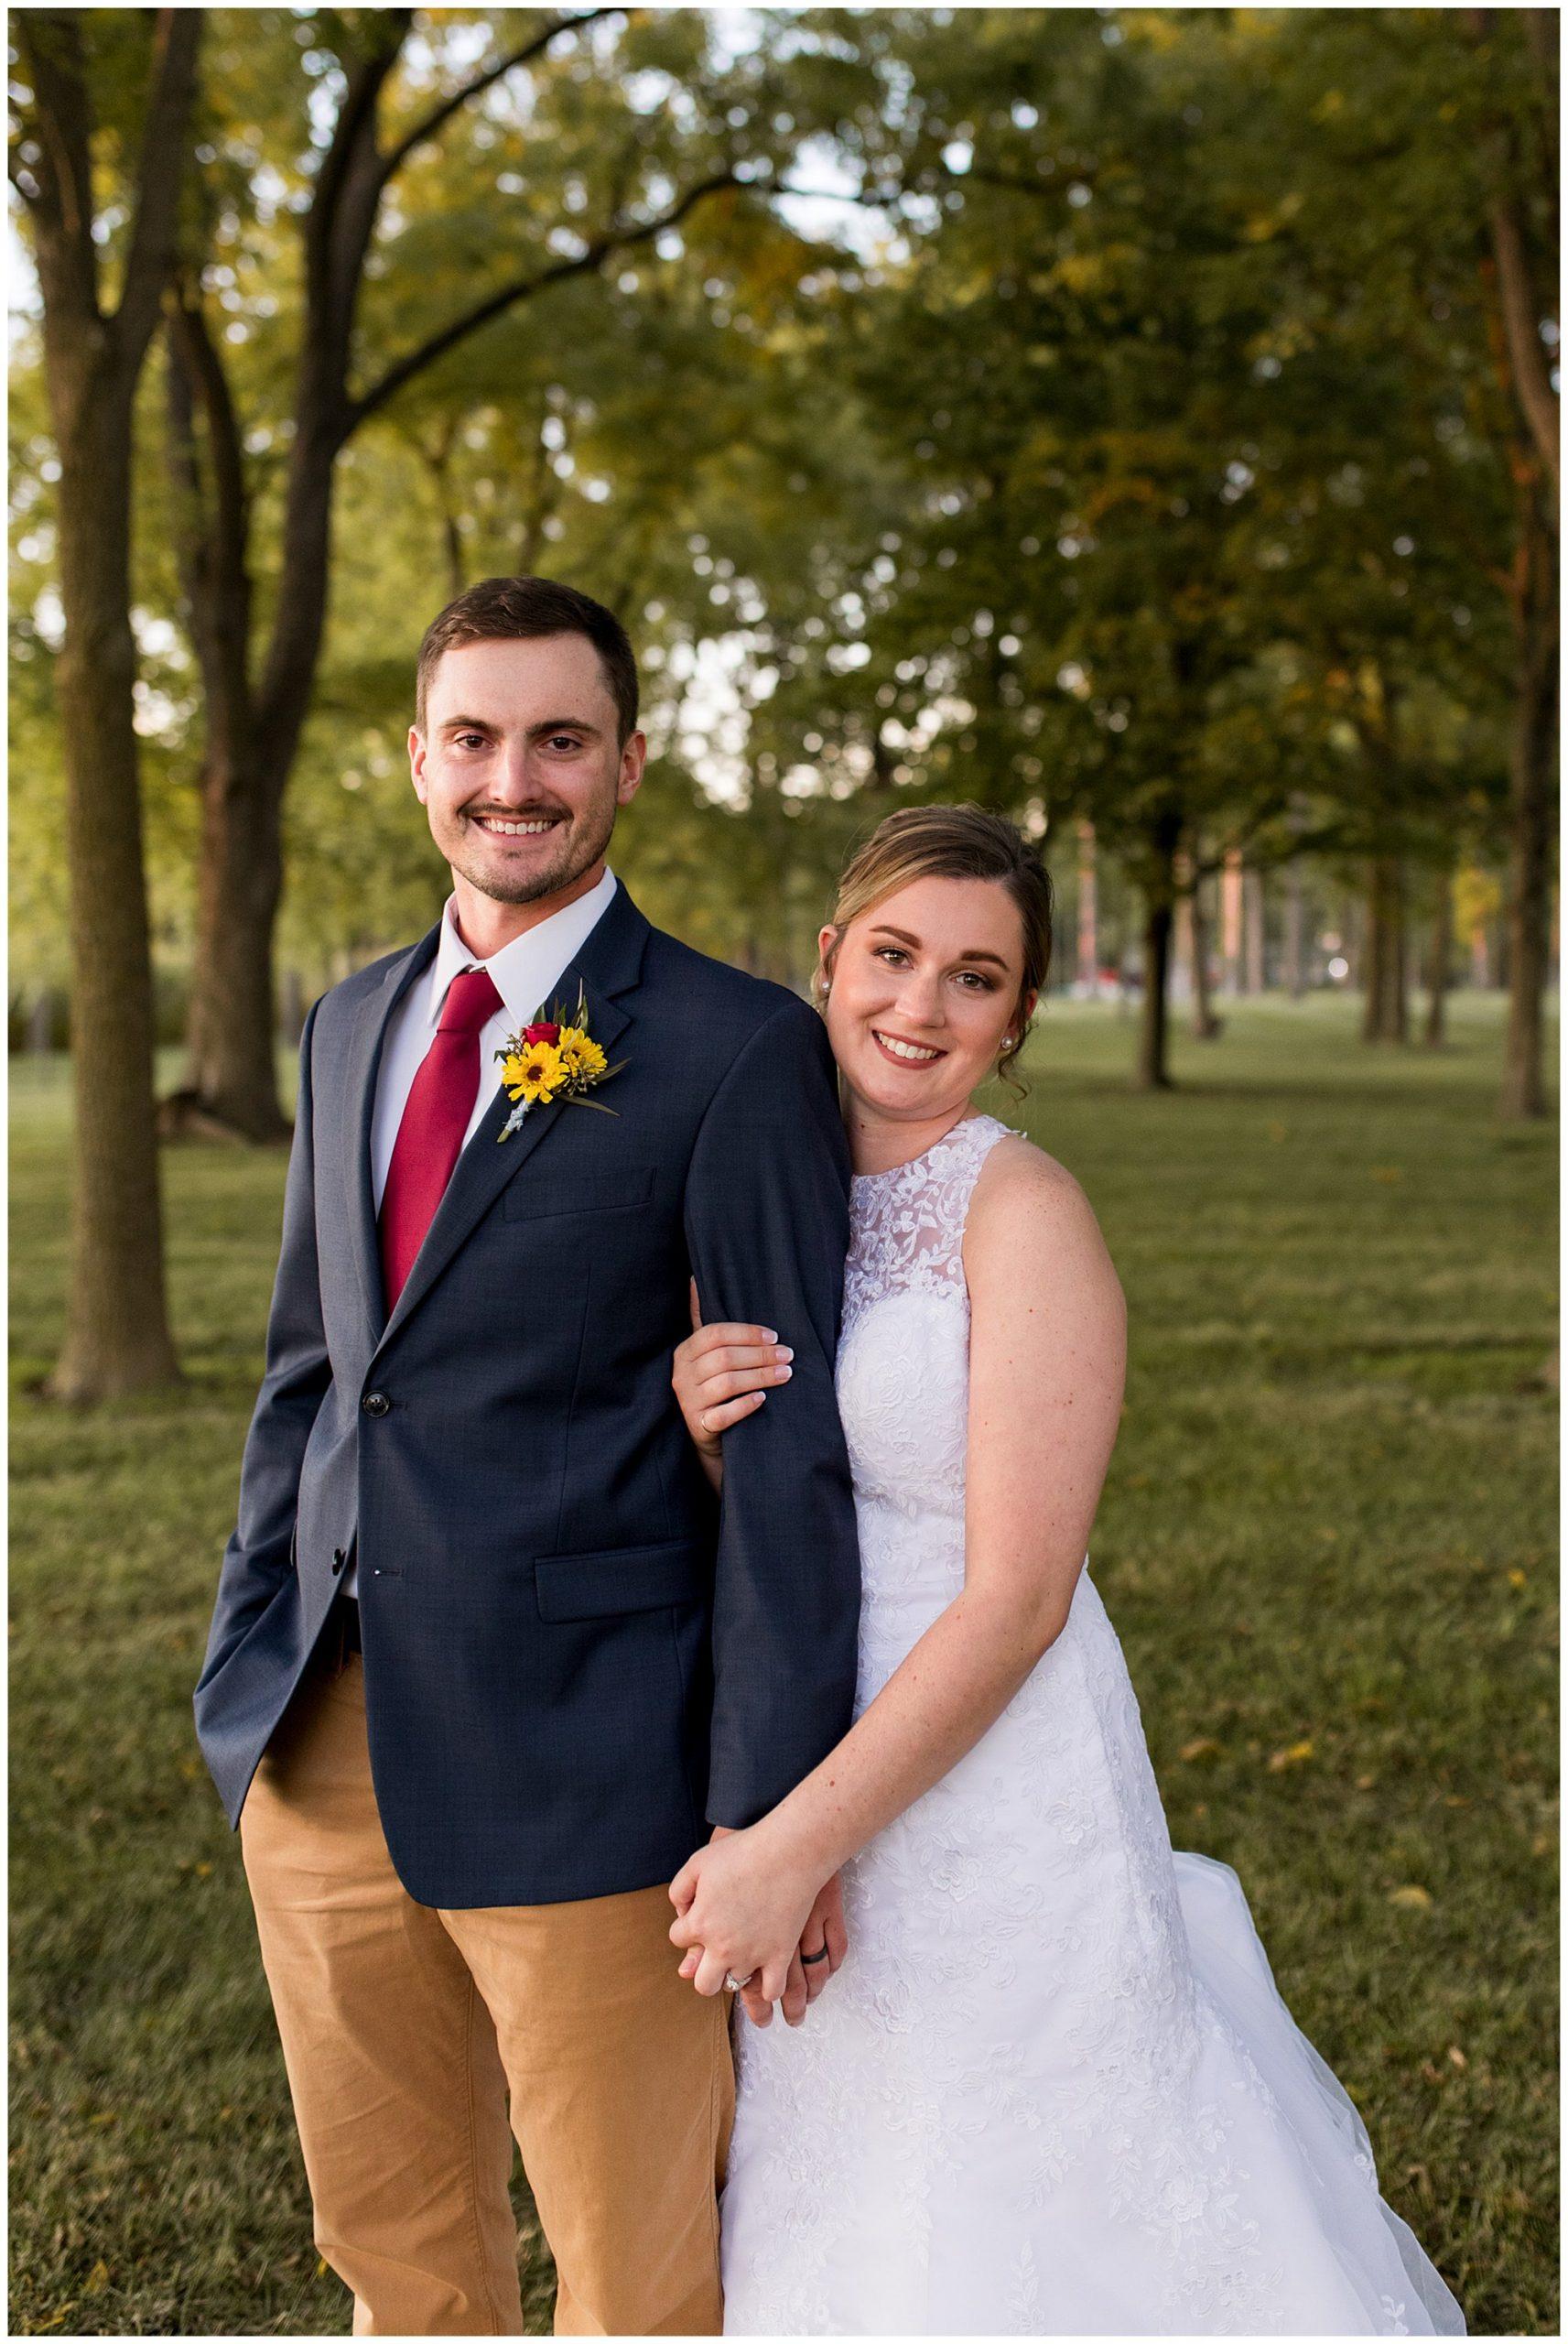 bride and groom wedding photos at sunset at Legacy Barn in Kokomo Indiana